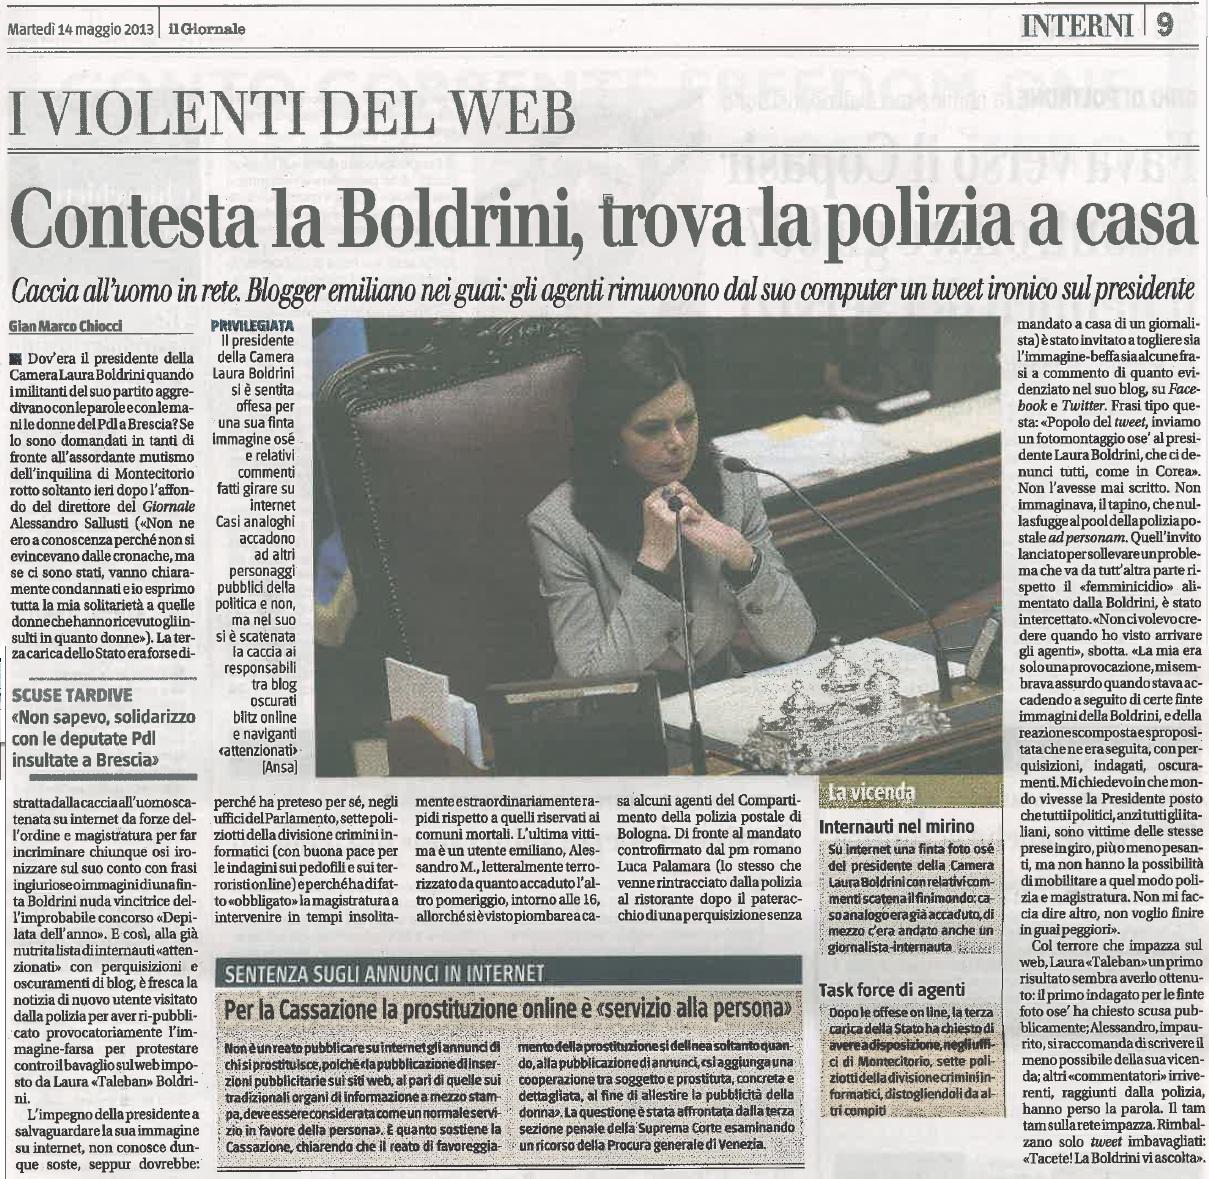 Il Giornale_14.05.2013_Alessandro M.